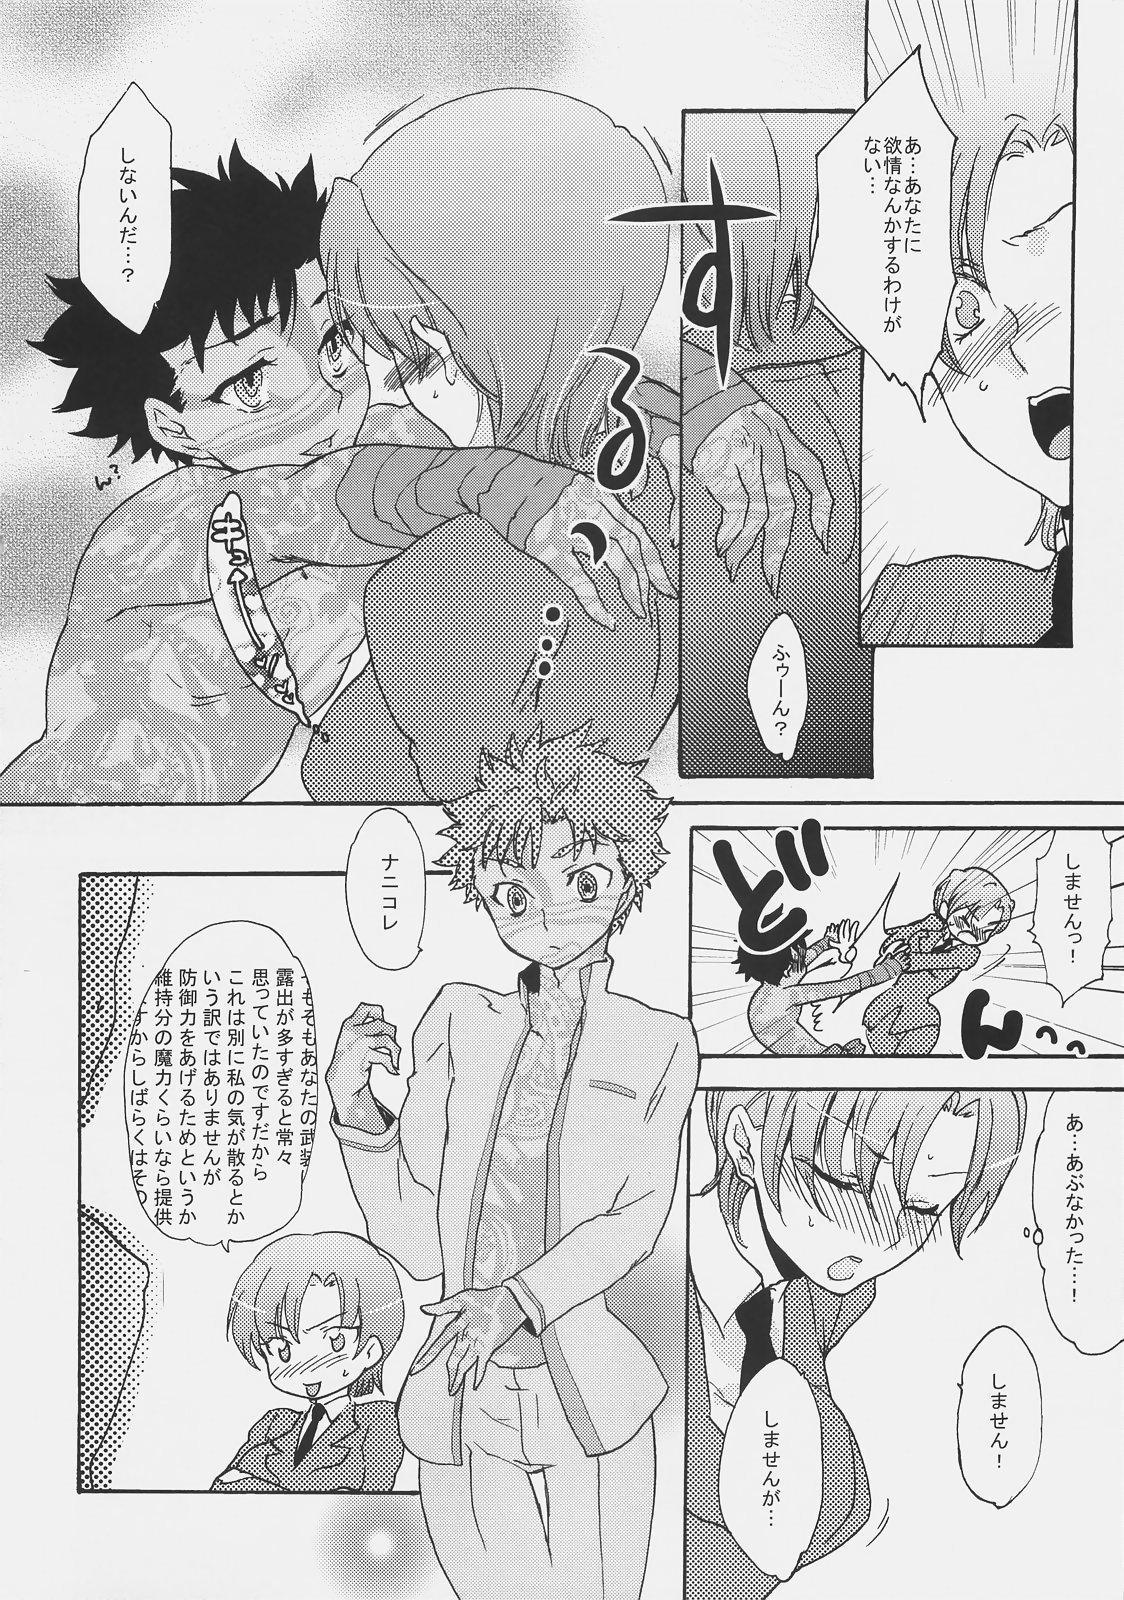 Bazett-san Ganbaru! 10